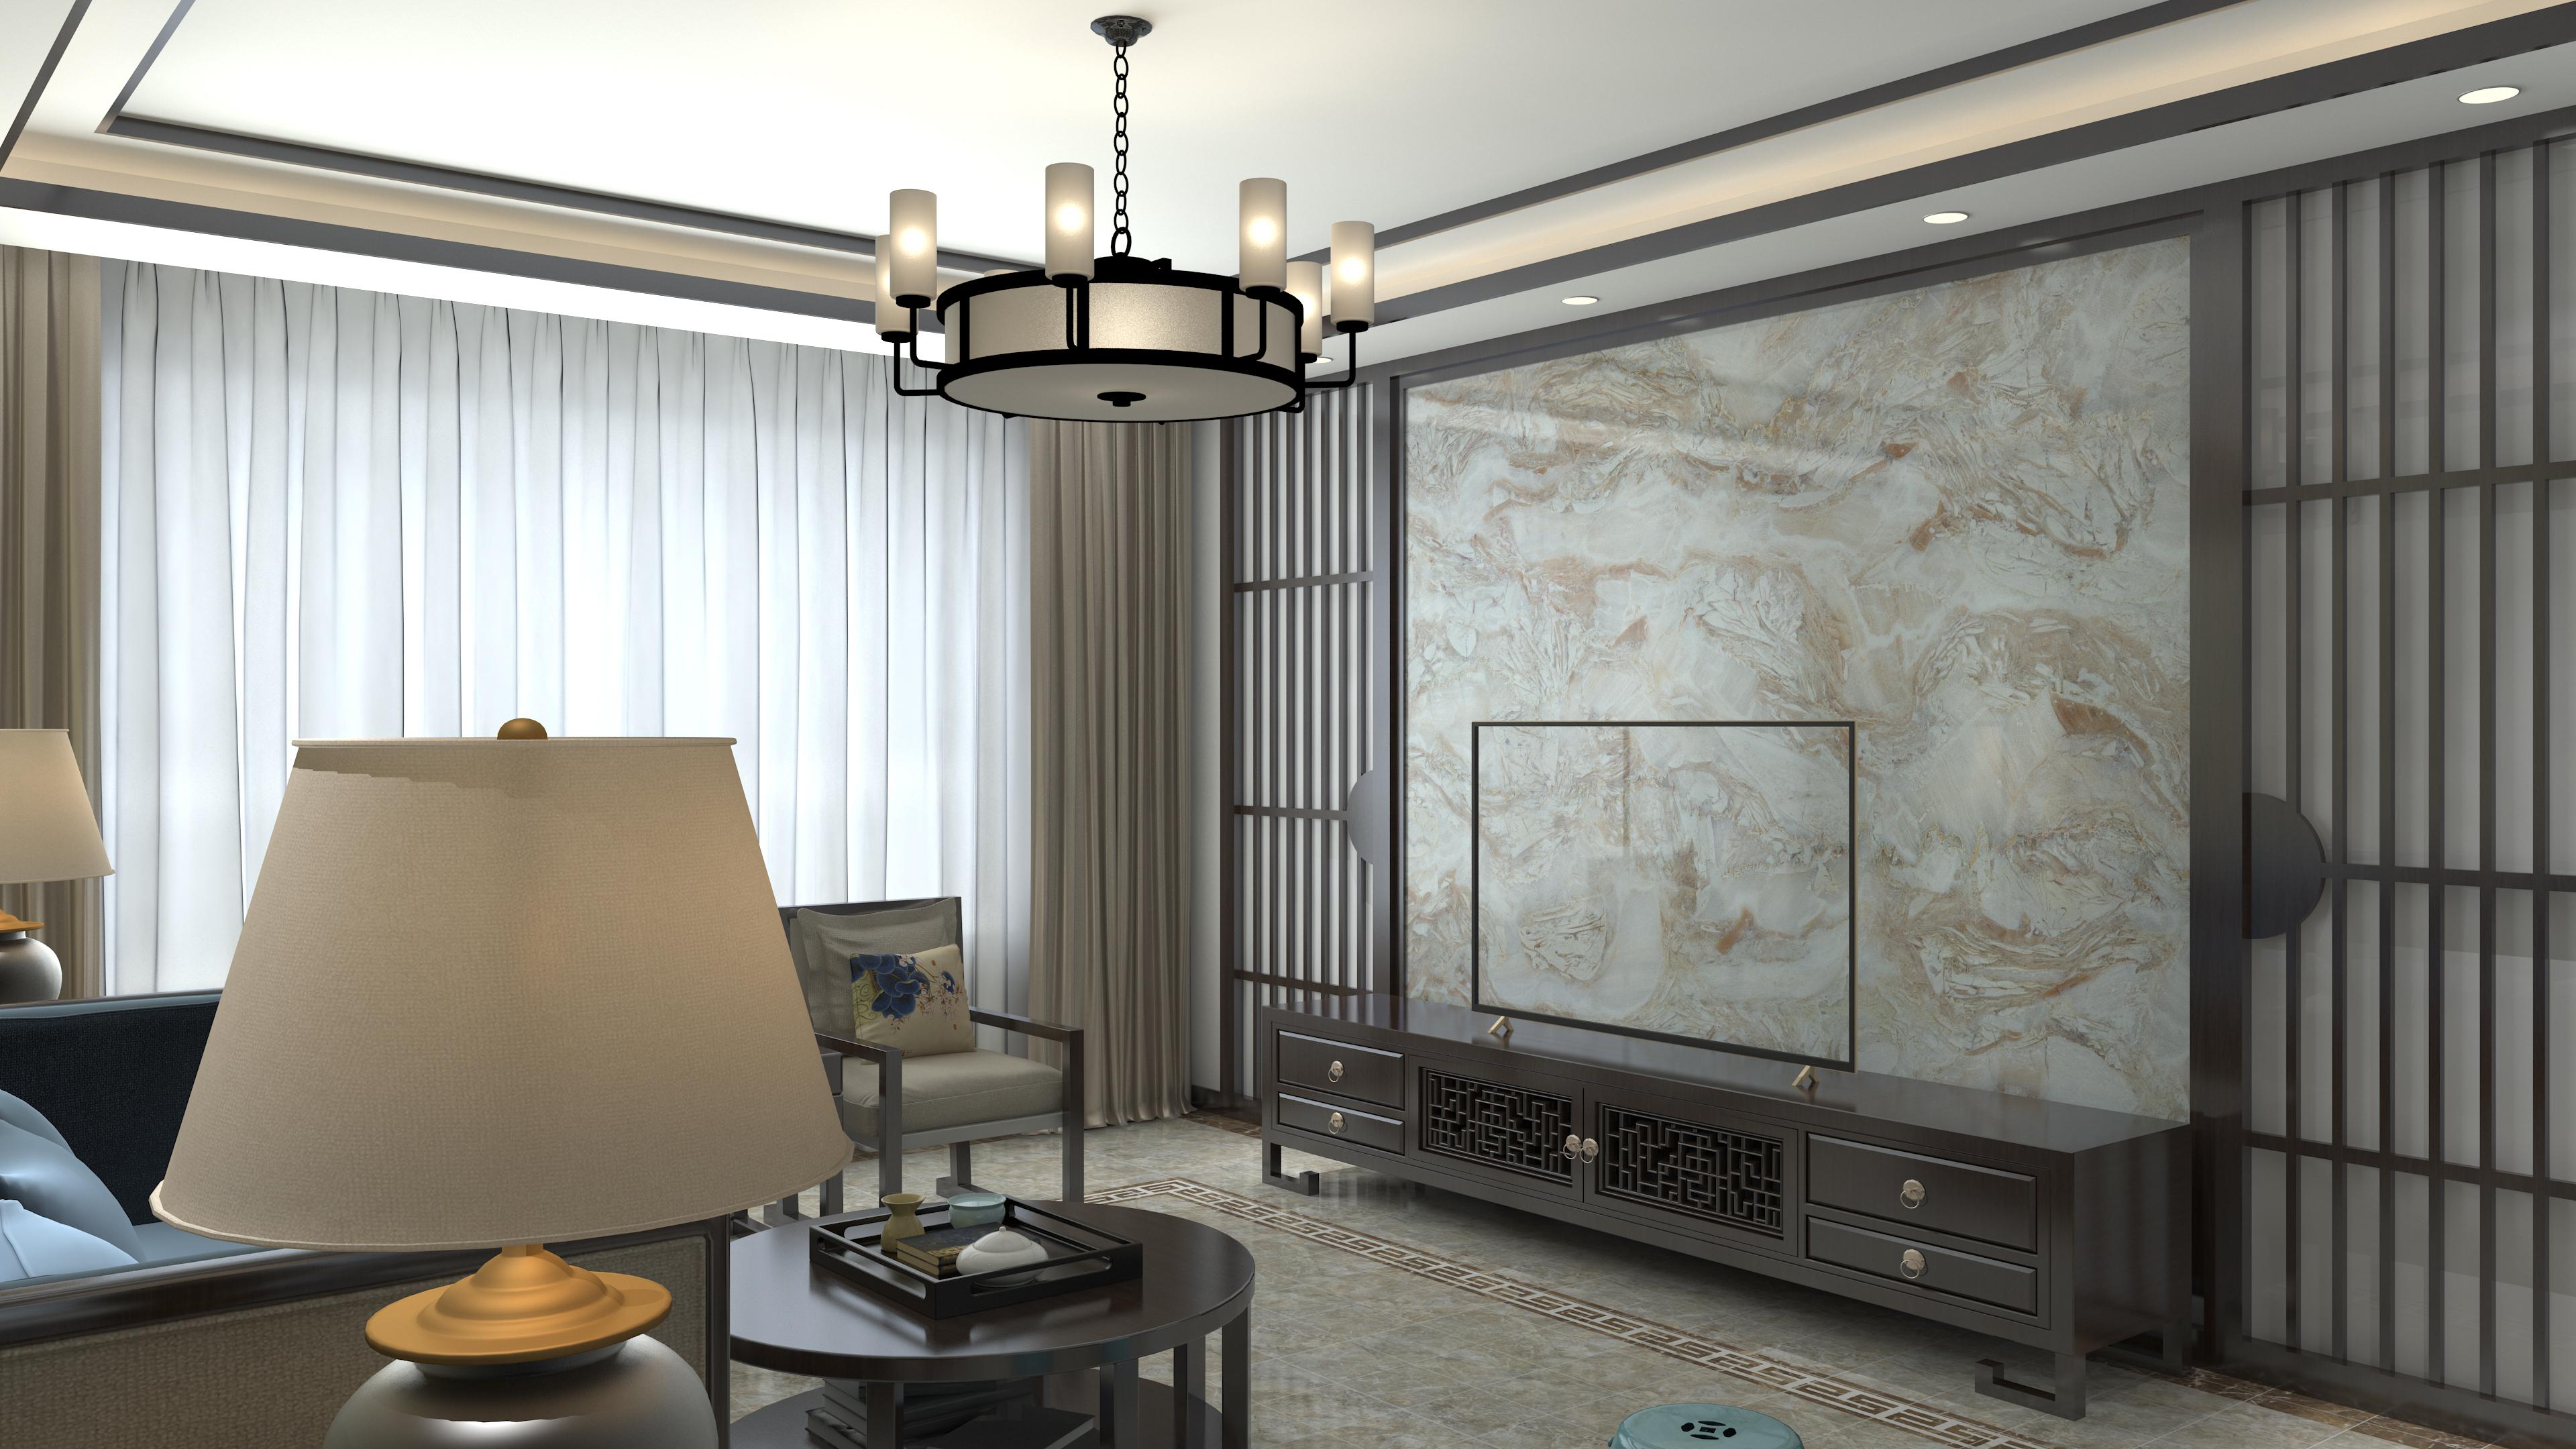 中式风格大气电视背景墙设计图纸